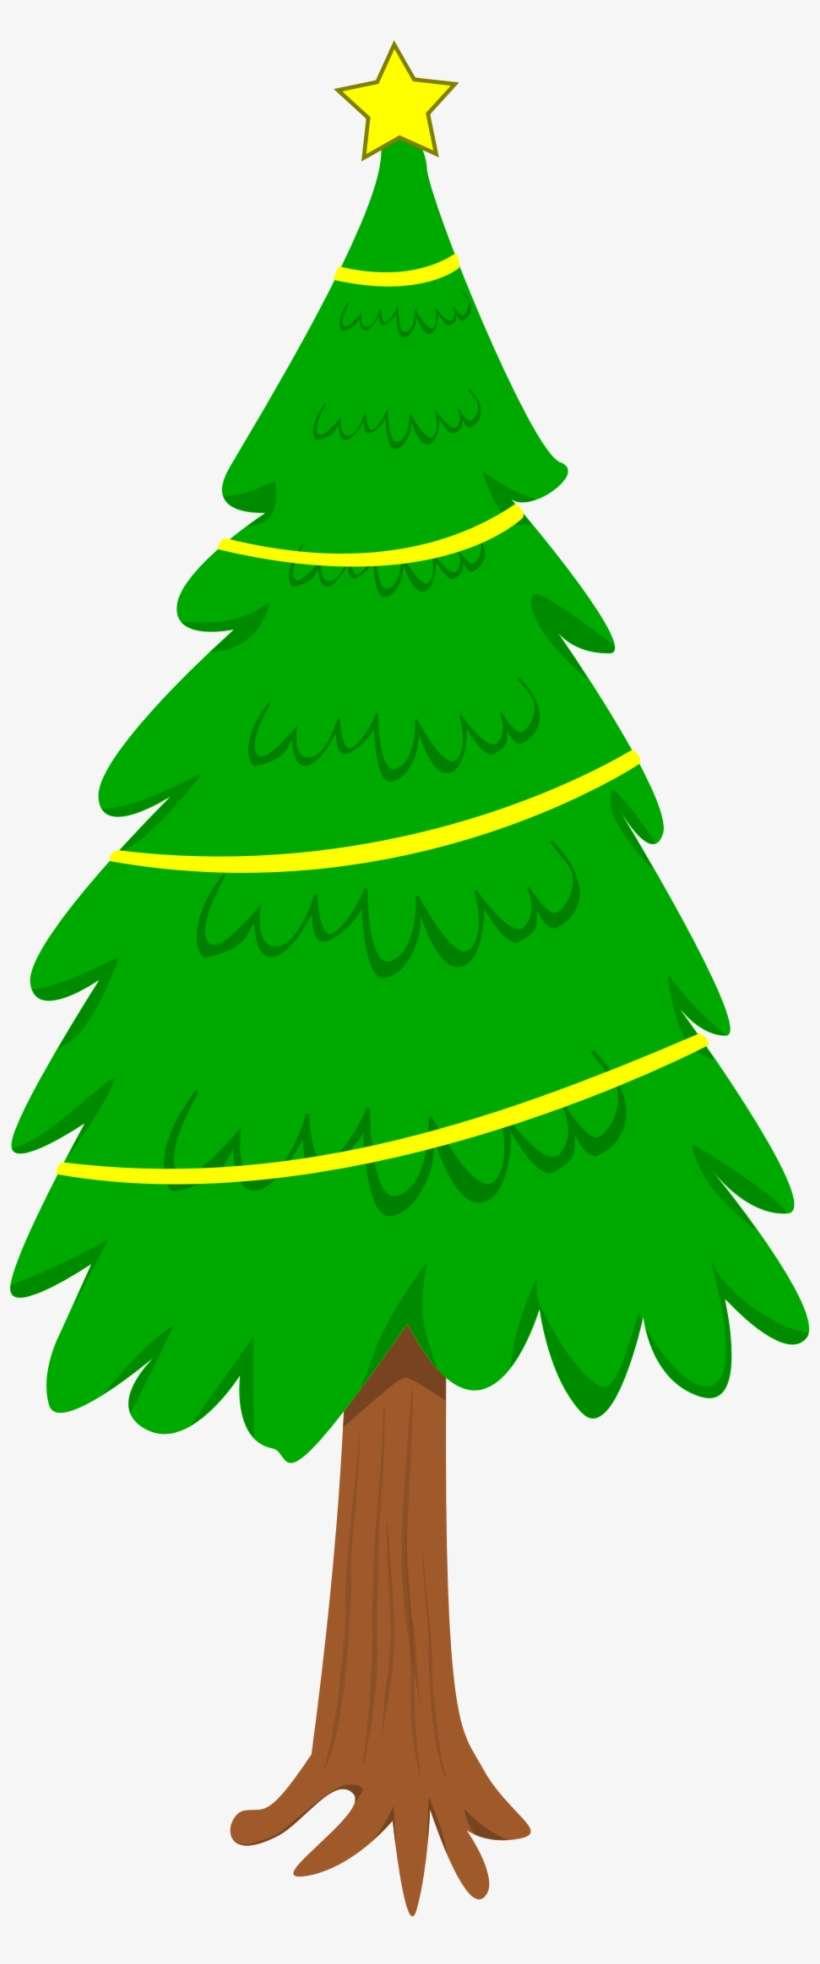 Weihnachtsbaum Clipart.Fir Tree Clipart Tall Christmas Tree Clipart Weihnachtsbaum Png